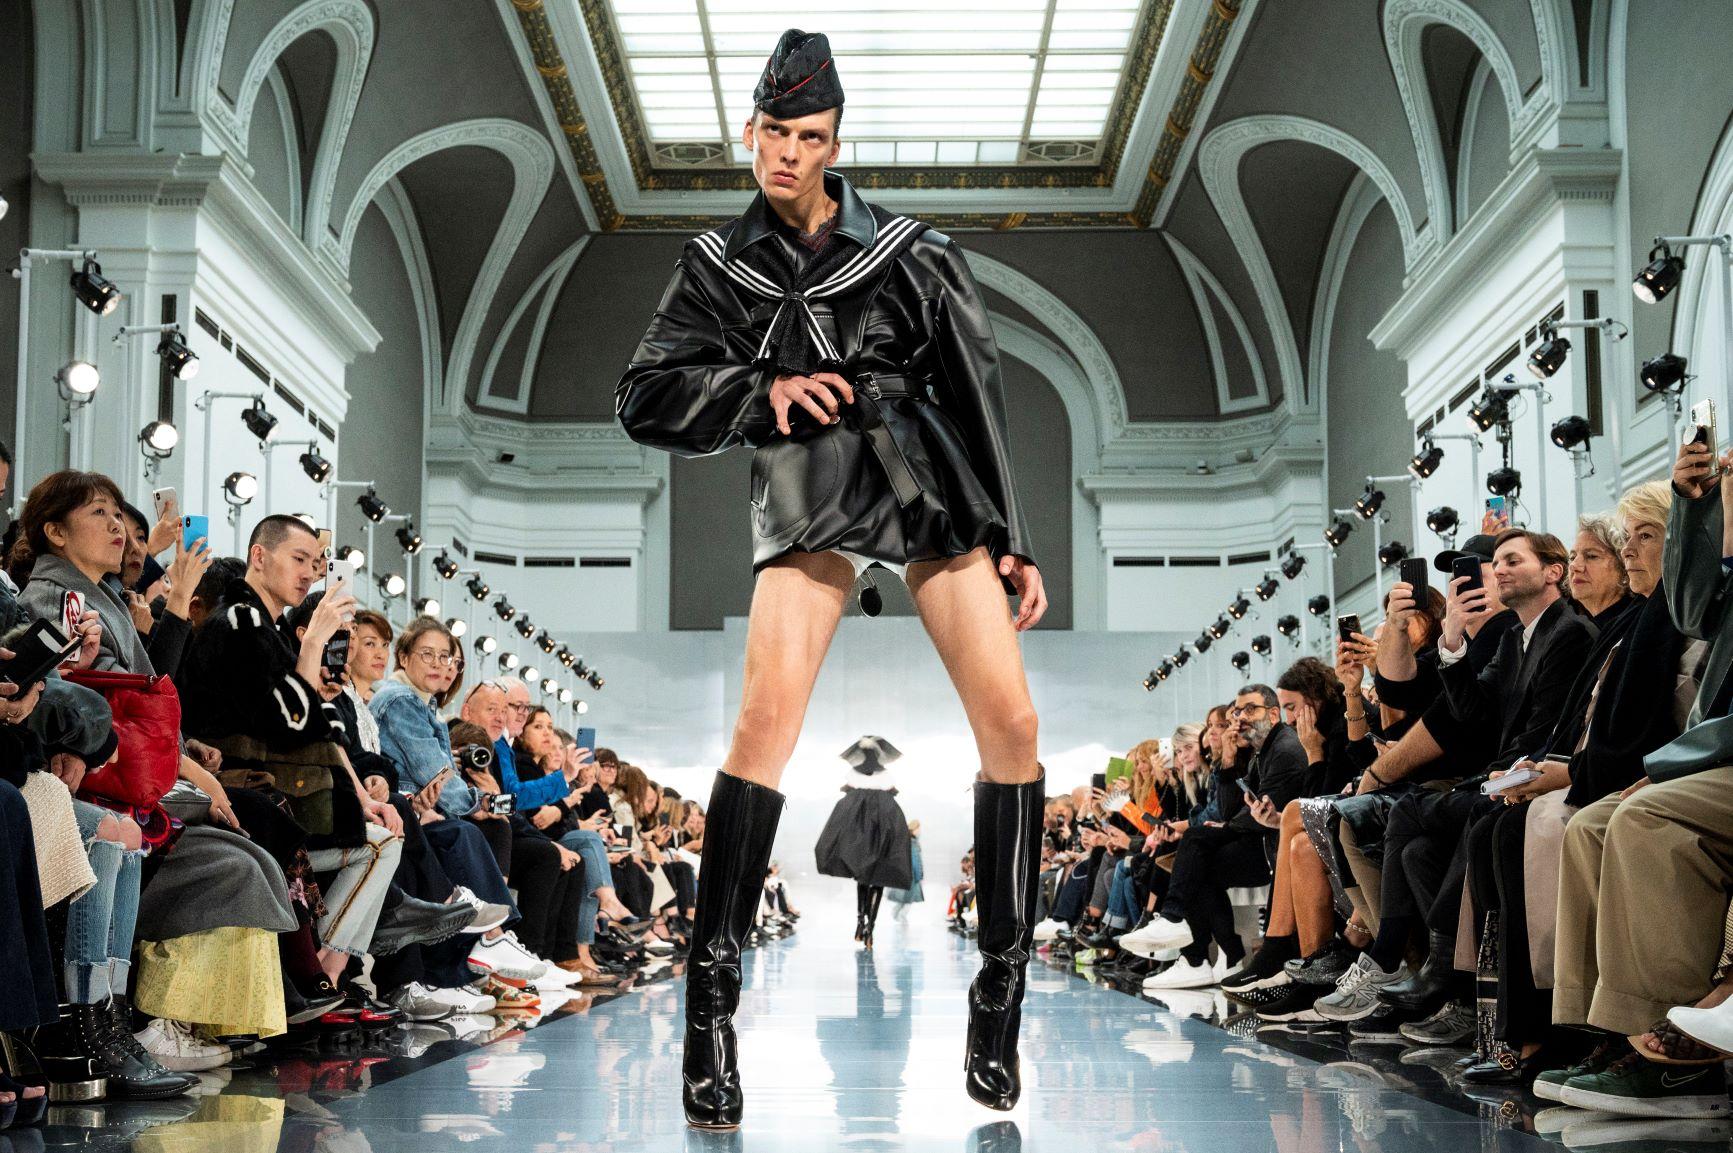 phần catwalk độc đáo tại show diễn Maison Margiela - tuần lễ thời trang paris xuân hè 2020